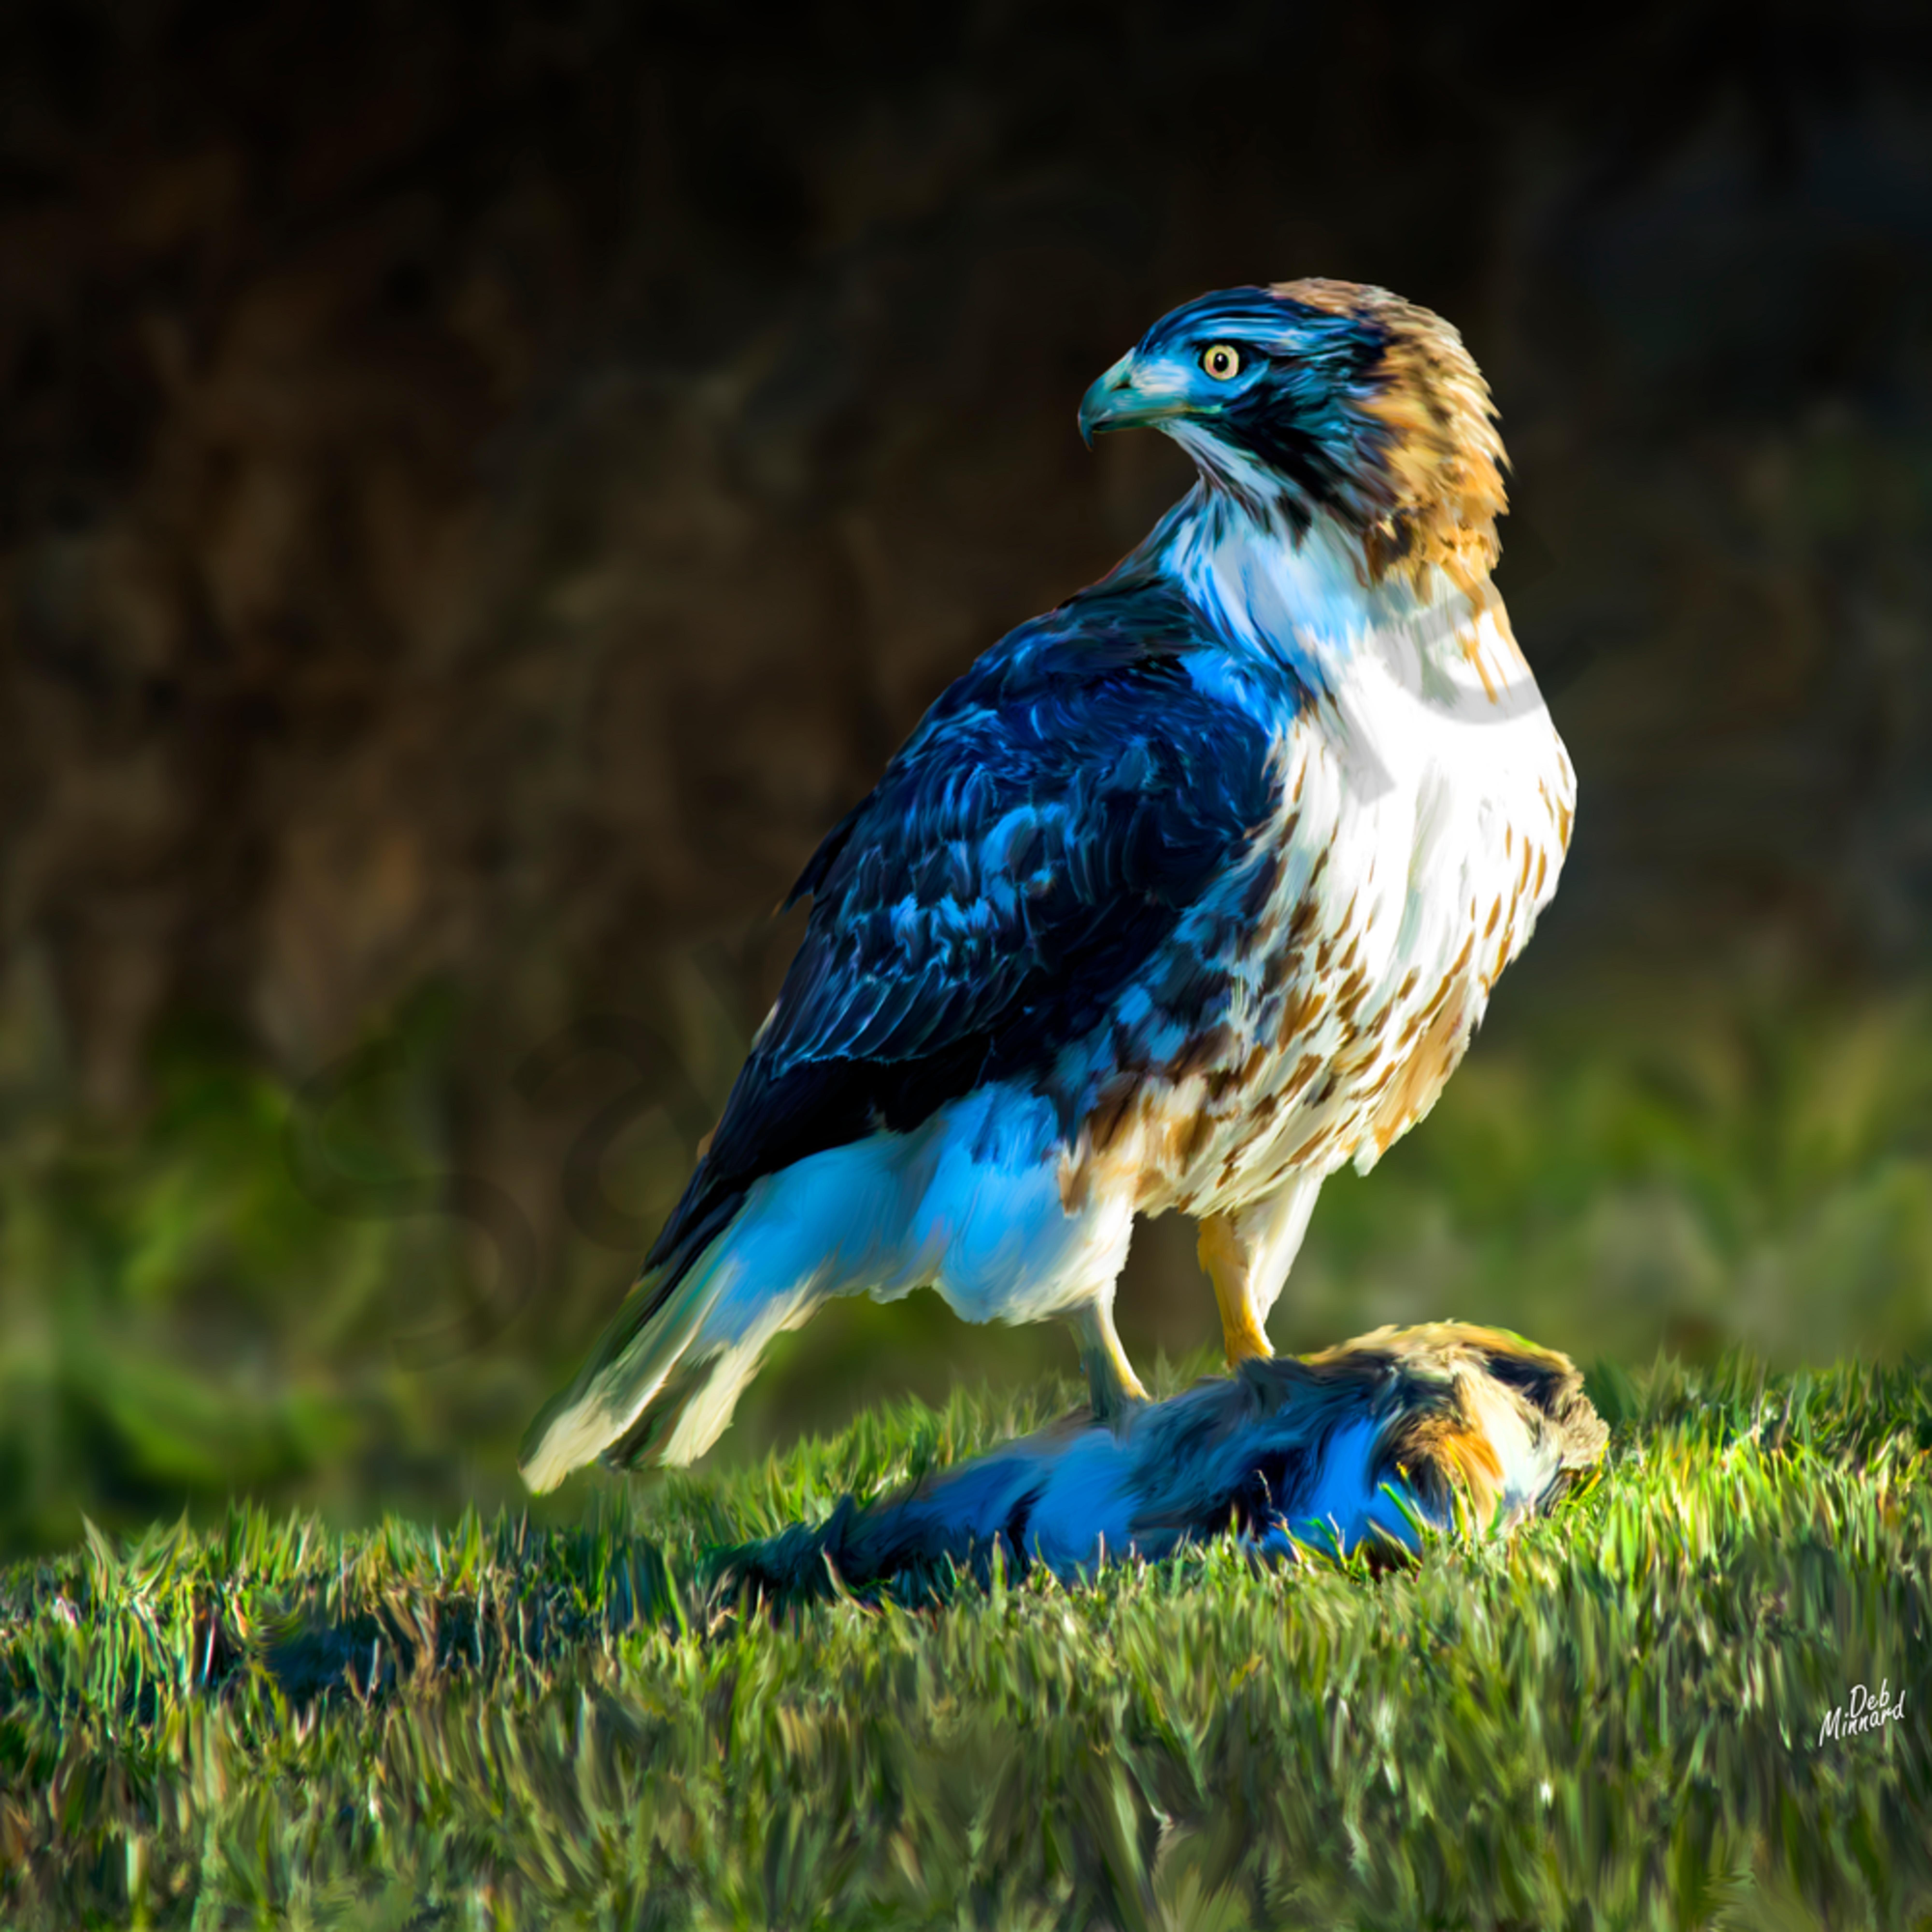 Hawk on rabbit iwyydk